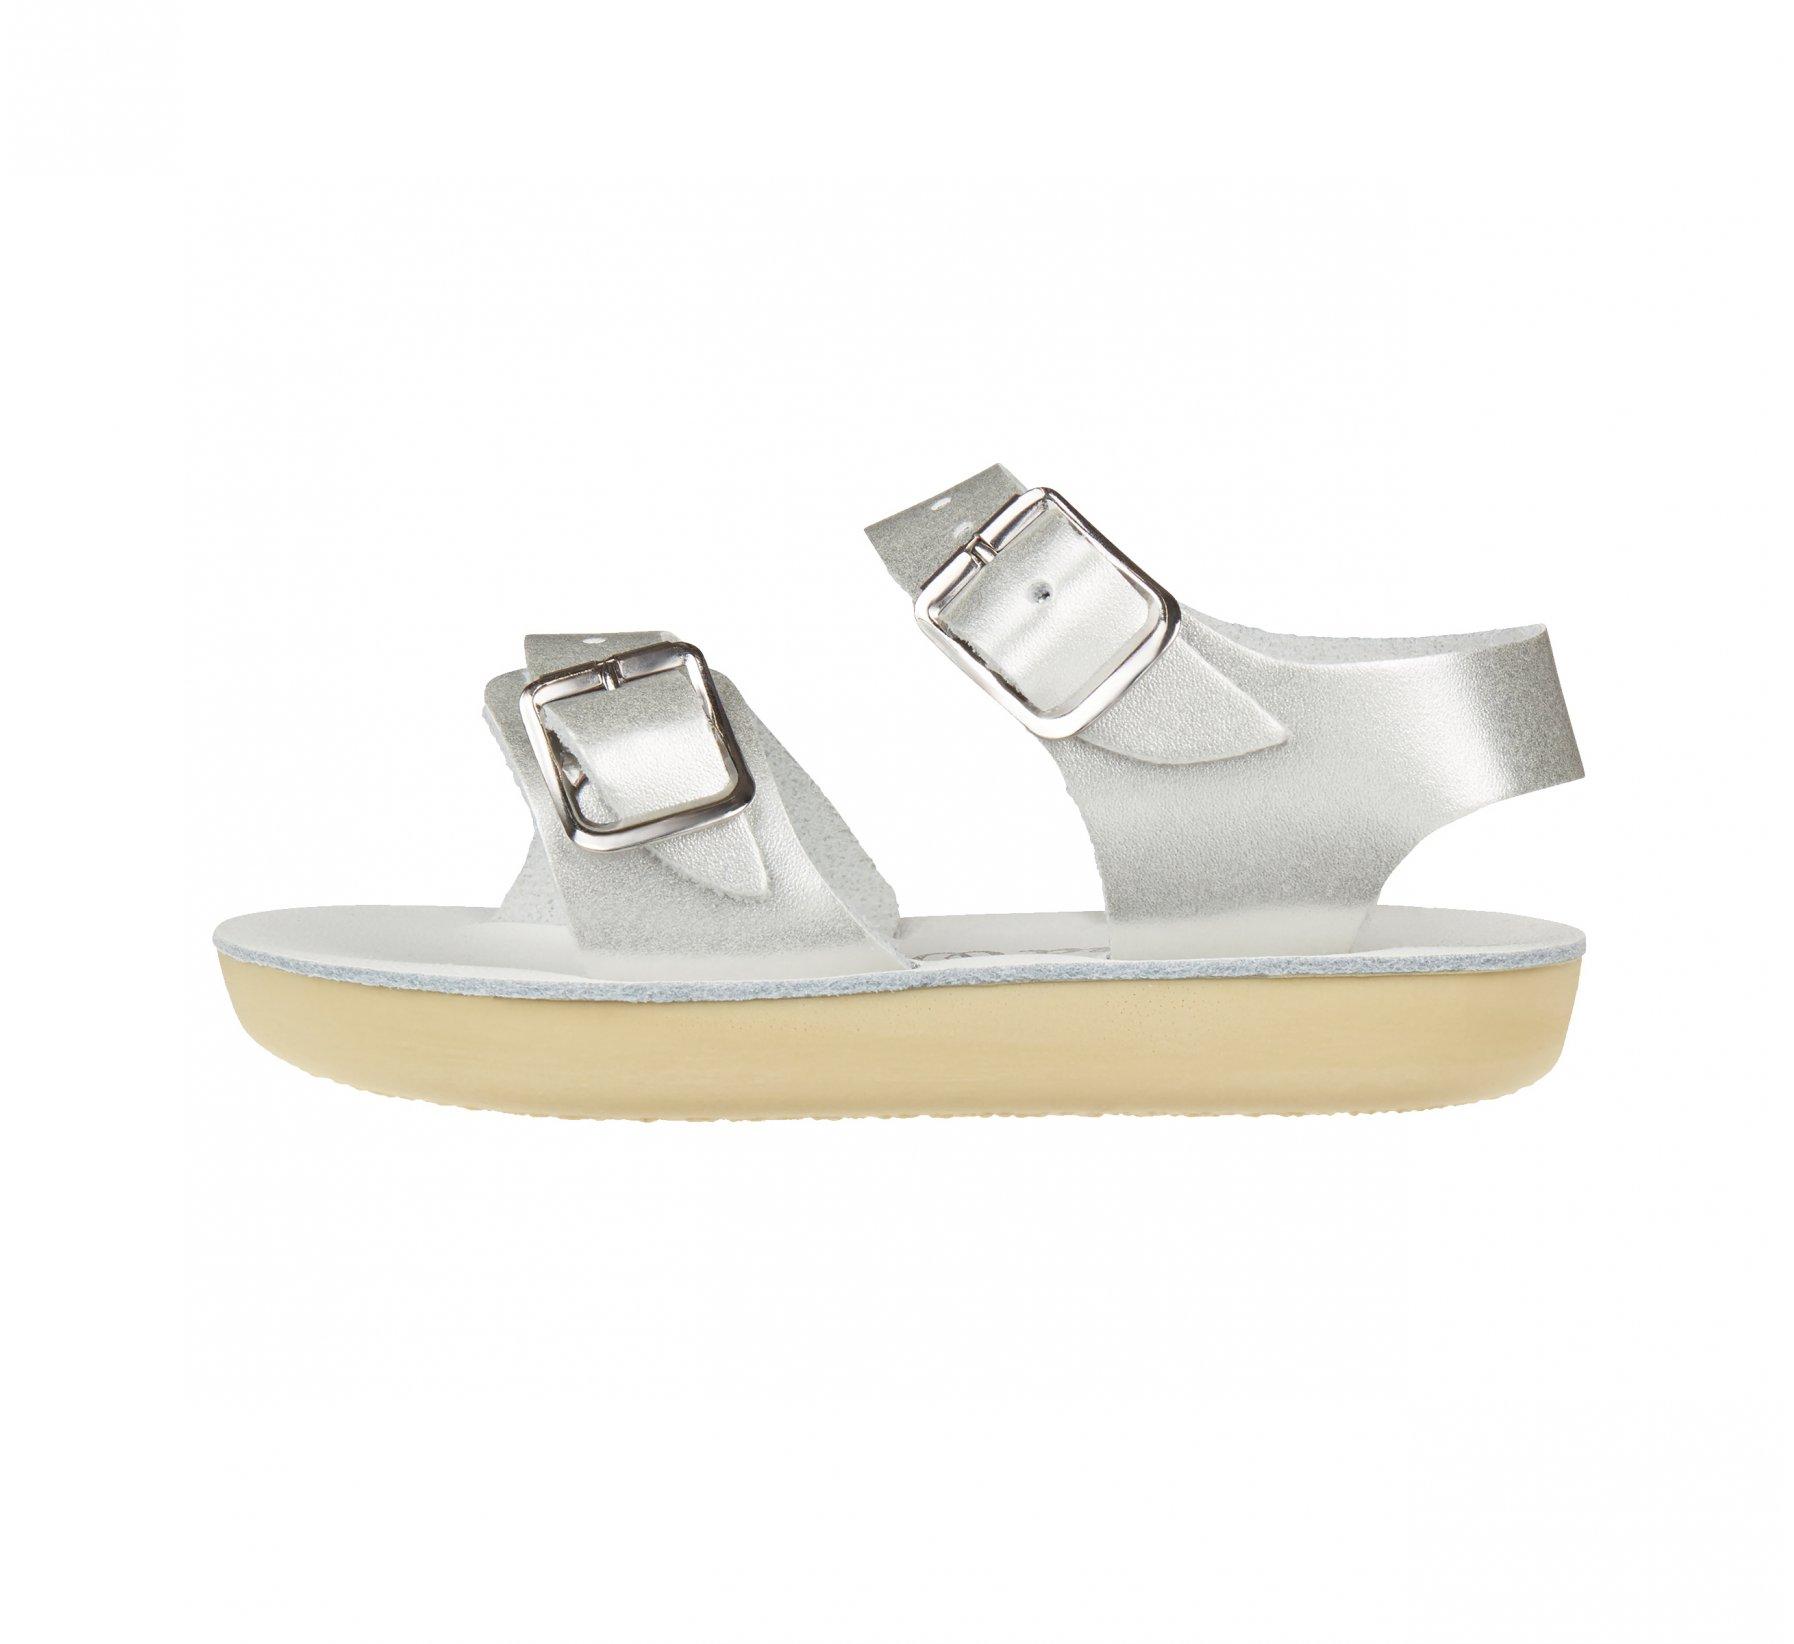 Seawee Silver - Salt Water Sandals